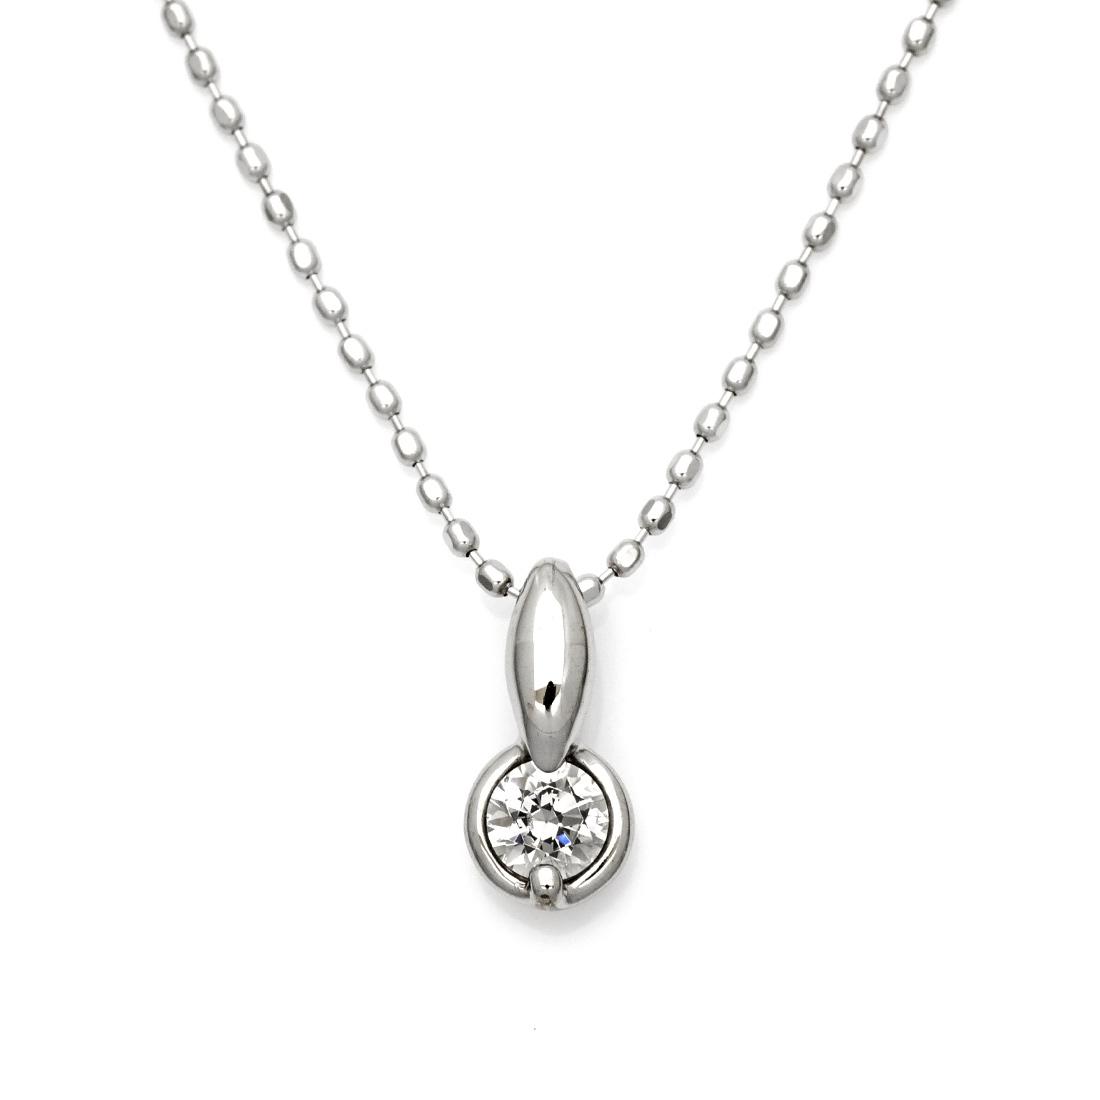 【GWクーポン配布中】ペンダントトップ ダイヤモンド 0.1カラット プラチナ900 送料無料